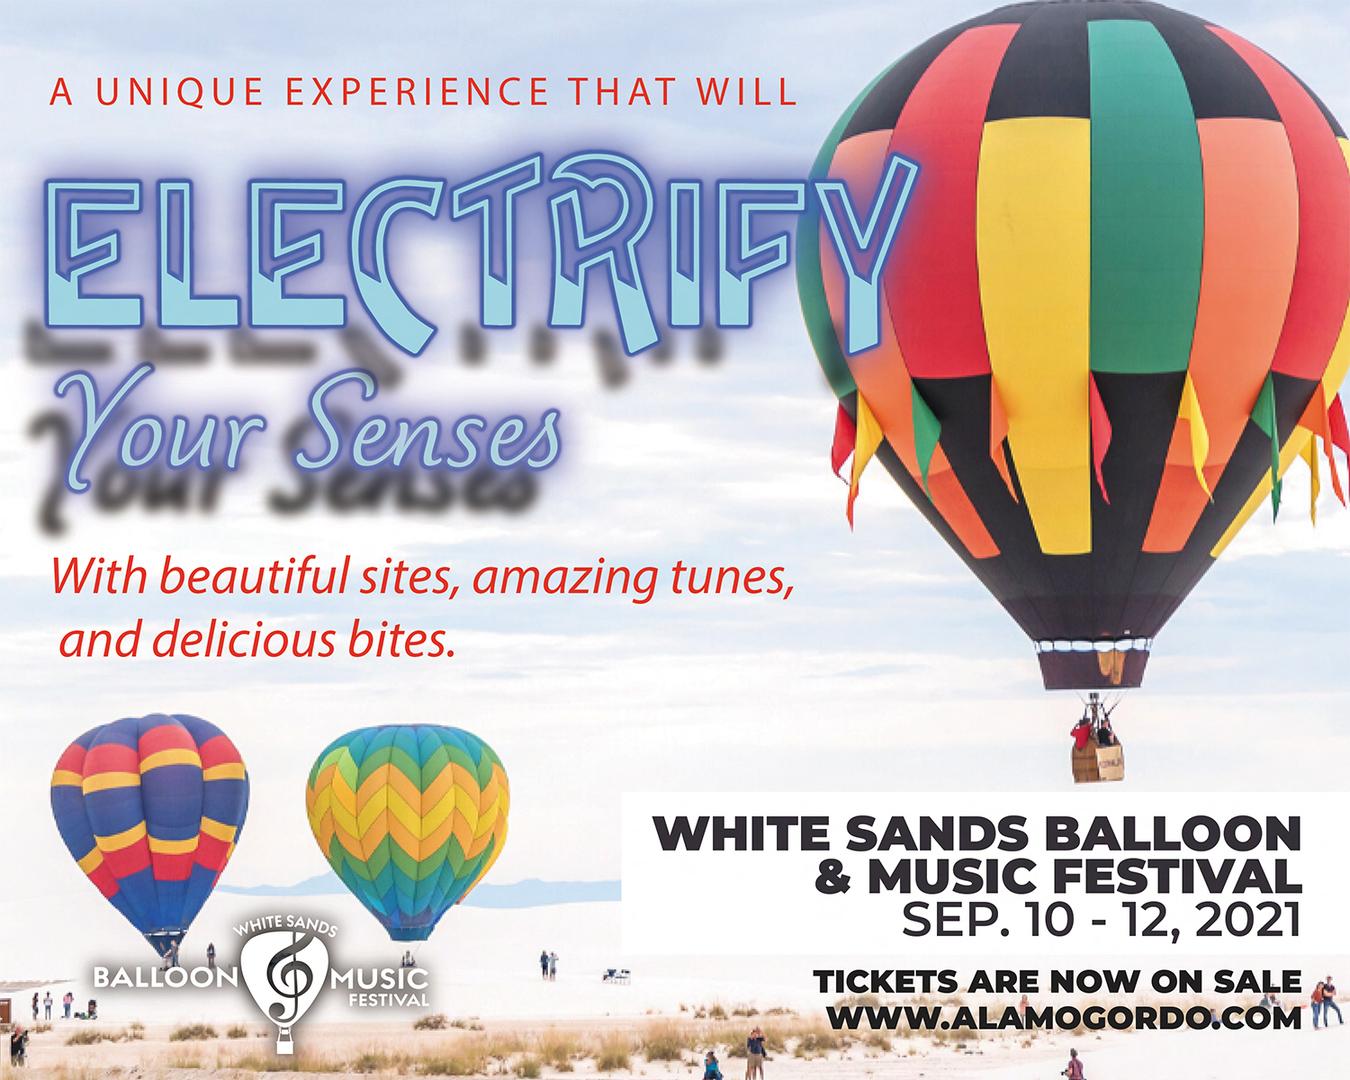 White Sands Balloon & Music Festival